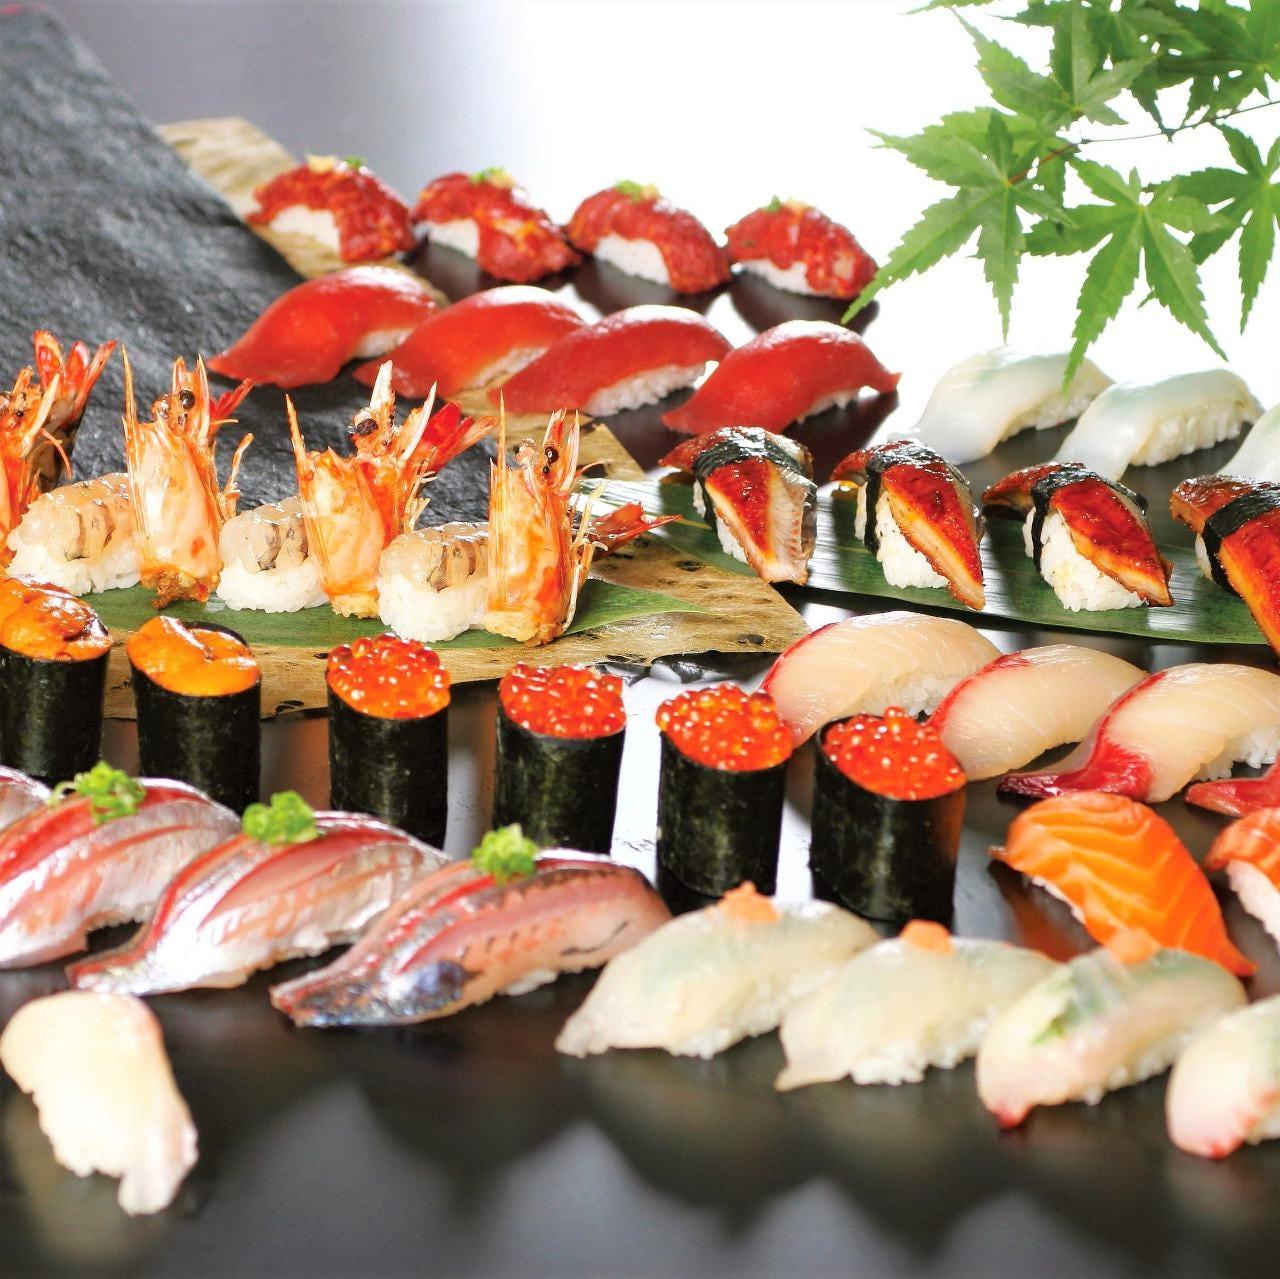 <握り寿司>職人の技が活きた鮮魚握り